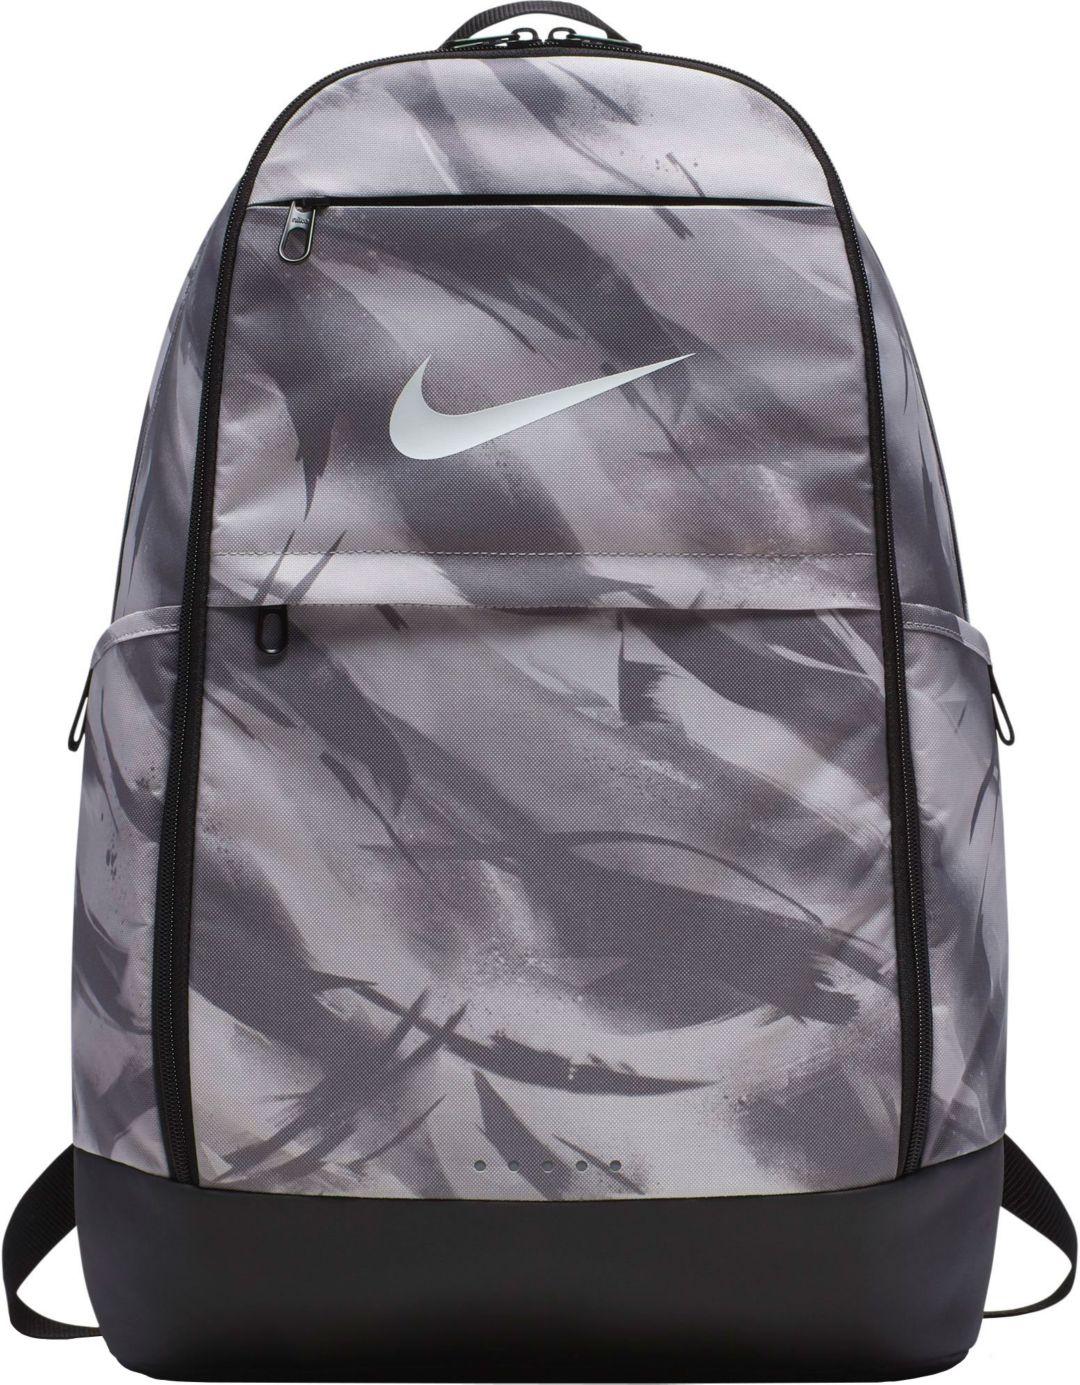 6a0bd6e65a Nike Brasilia XL Training Backpack. noImageFound. Previous